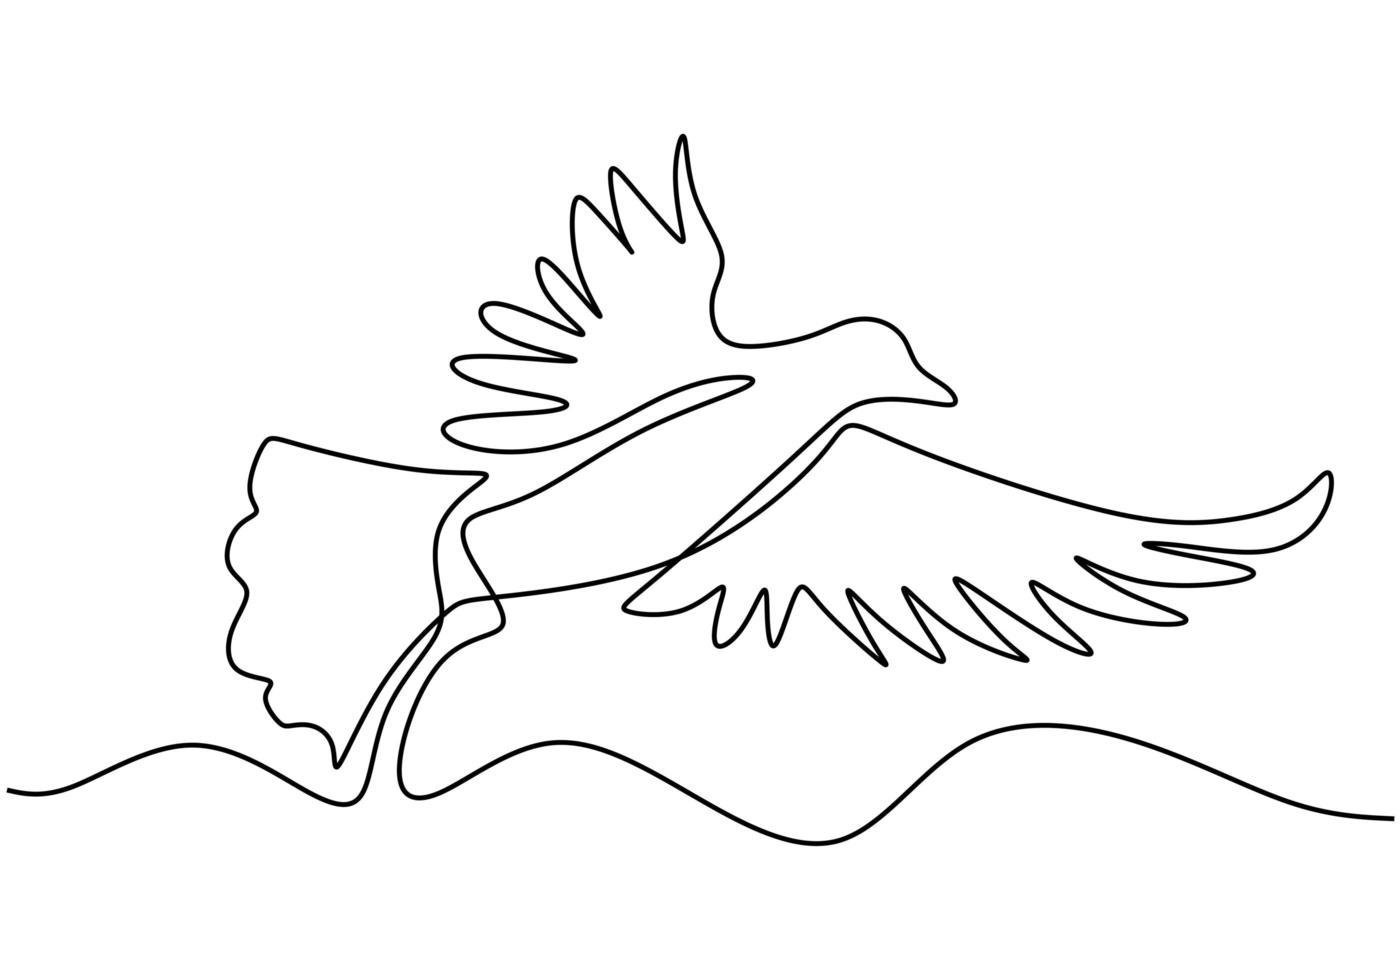 dessin d'une ligne continue. animal de pigeon volant. vecteur